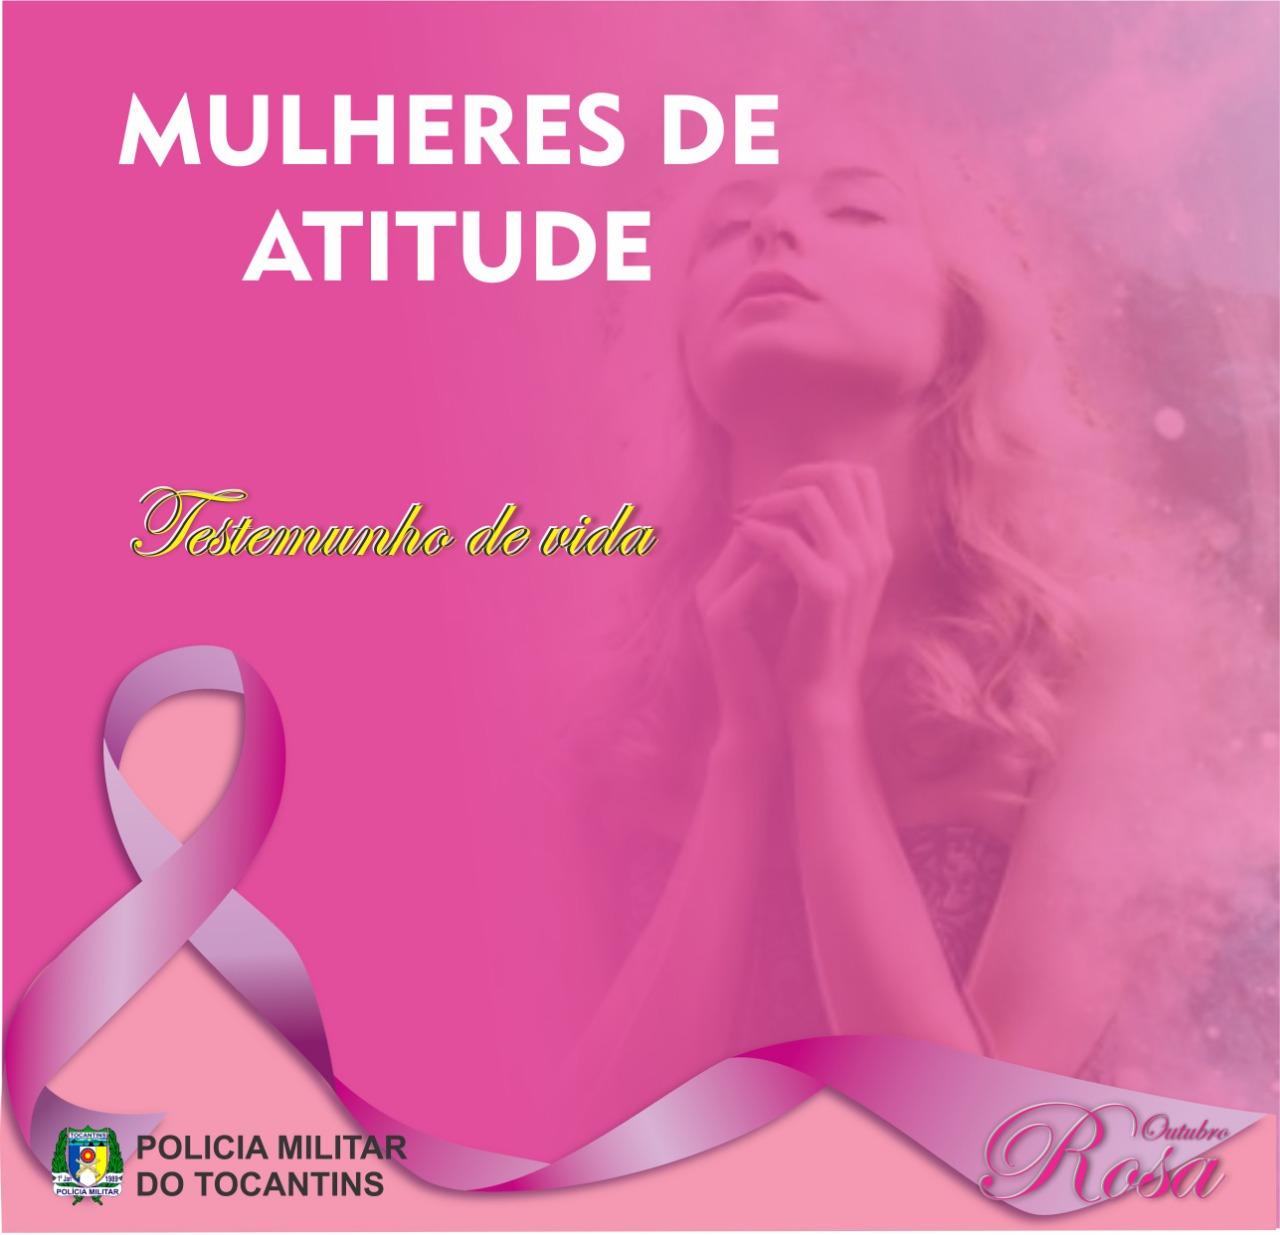 Campanha de prevenção e combate ao câncer de mama, da Polícia Militar do Tocantins